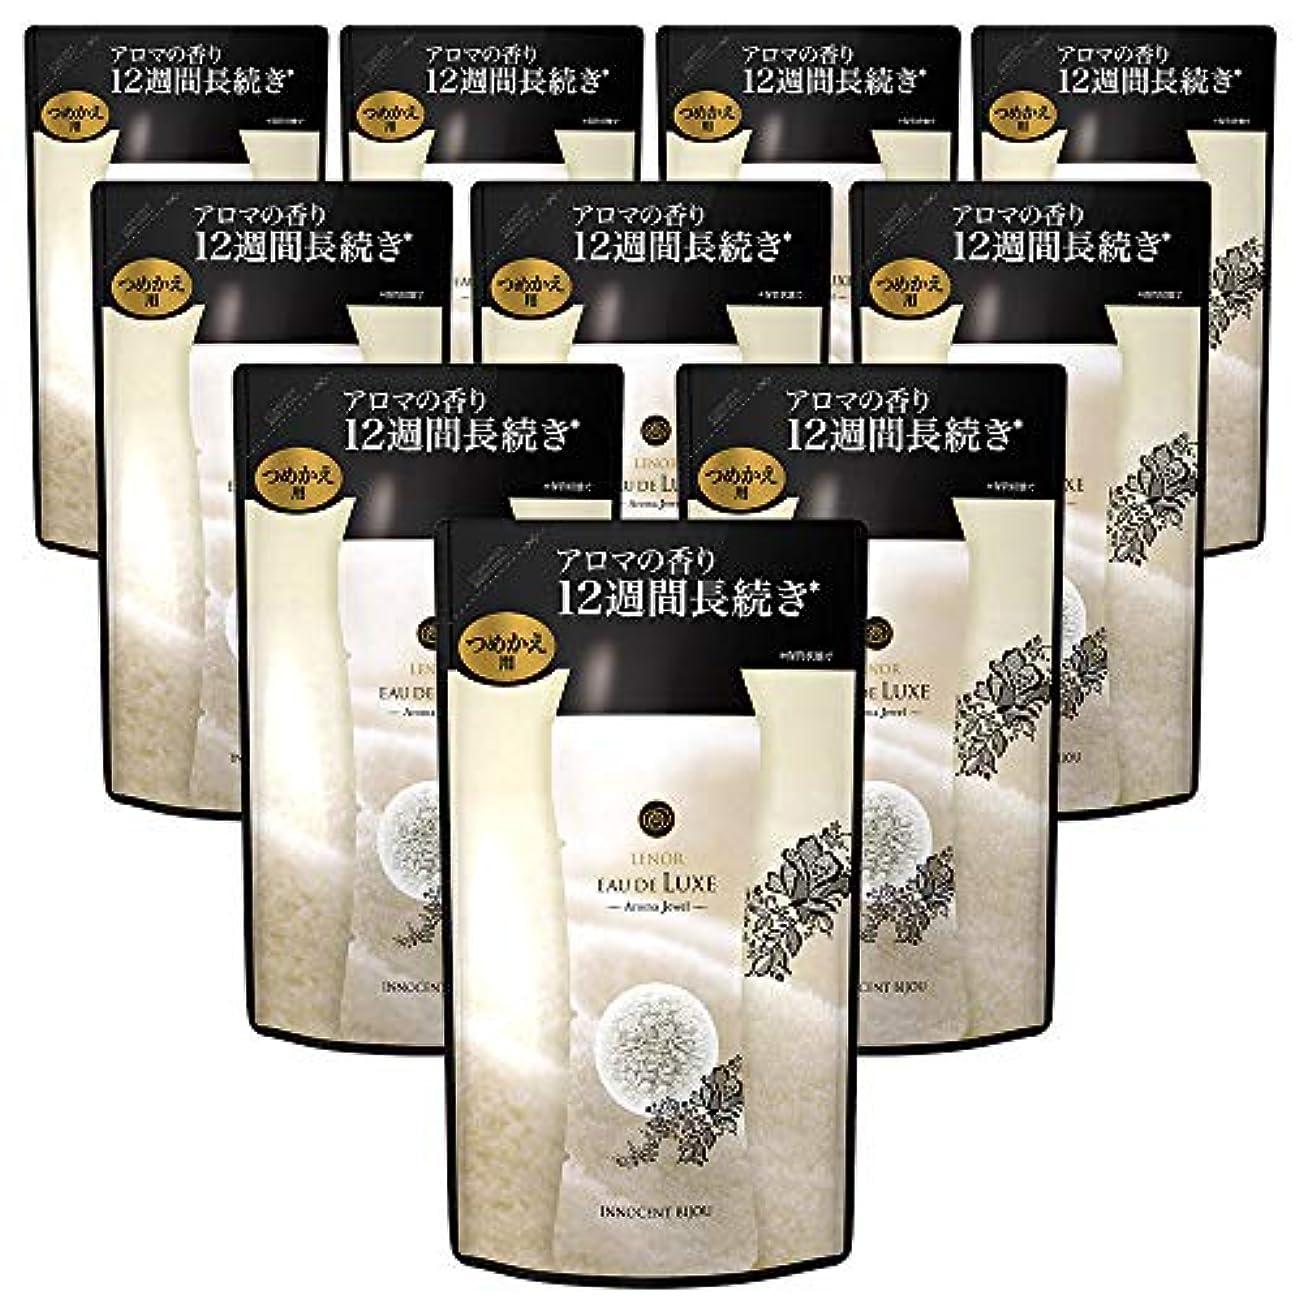 売り手ブランク素晴らしい良い多くのレノア オードリュクス アロマジュエル 香り付け専用ビーズ イノセントビジュの香り 詰め替え 455mL×10袋